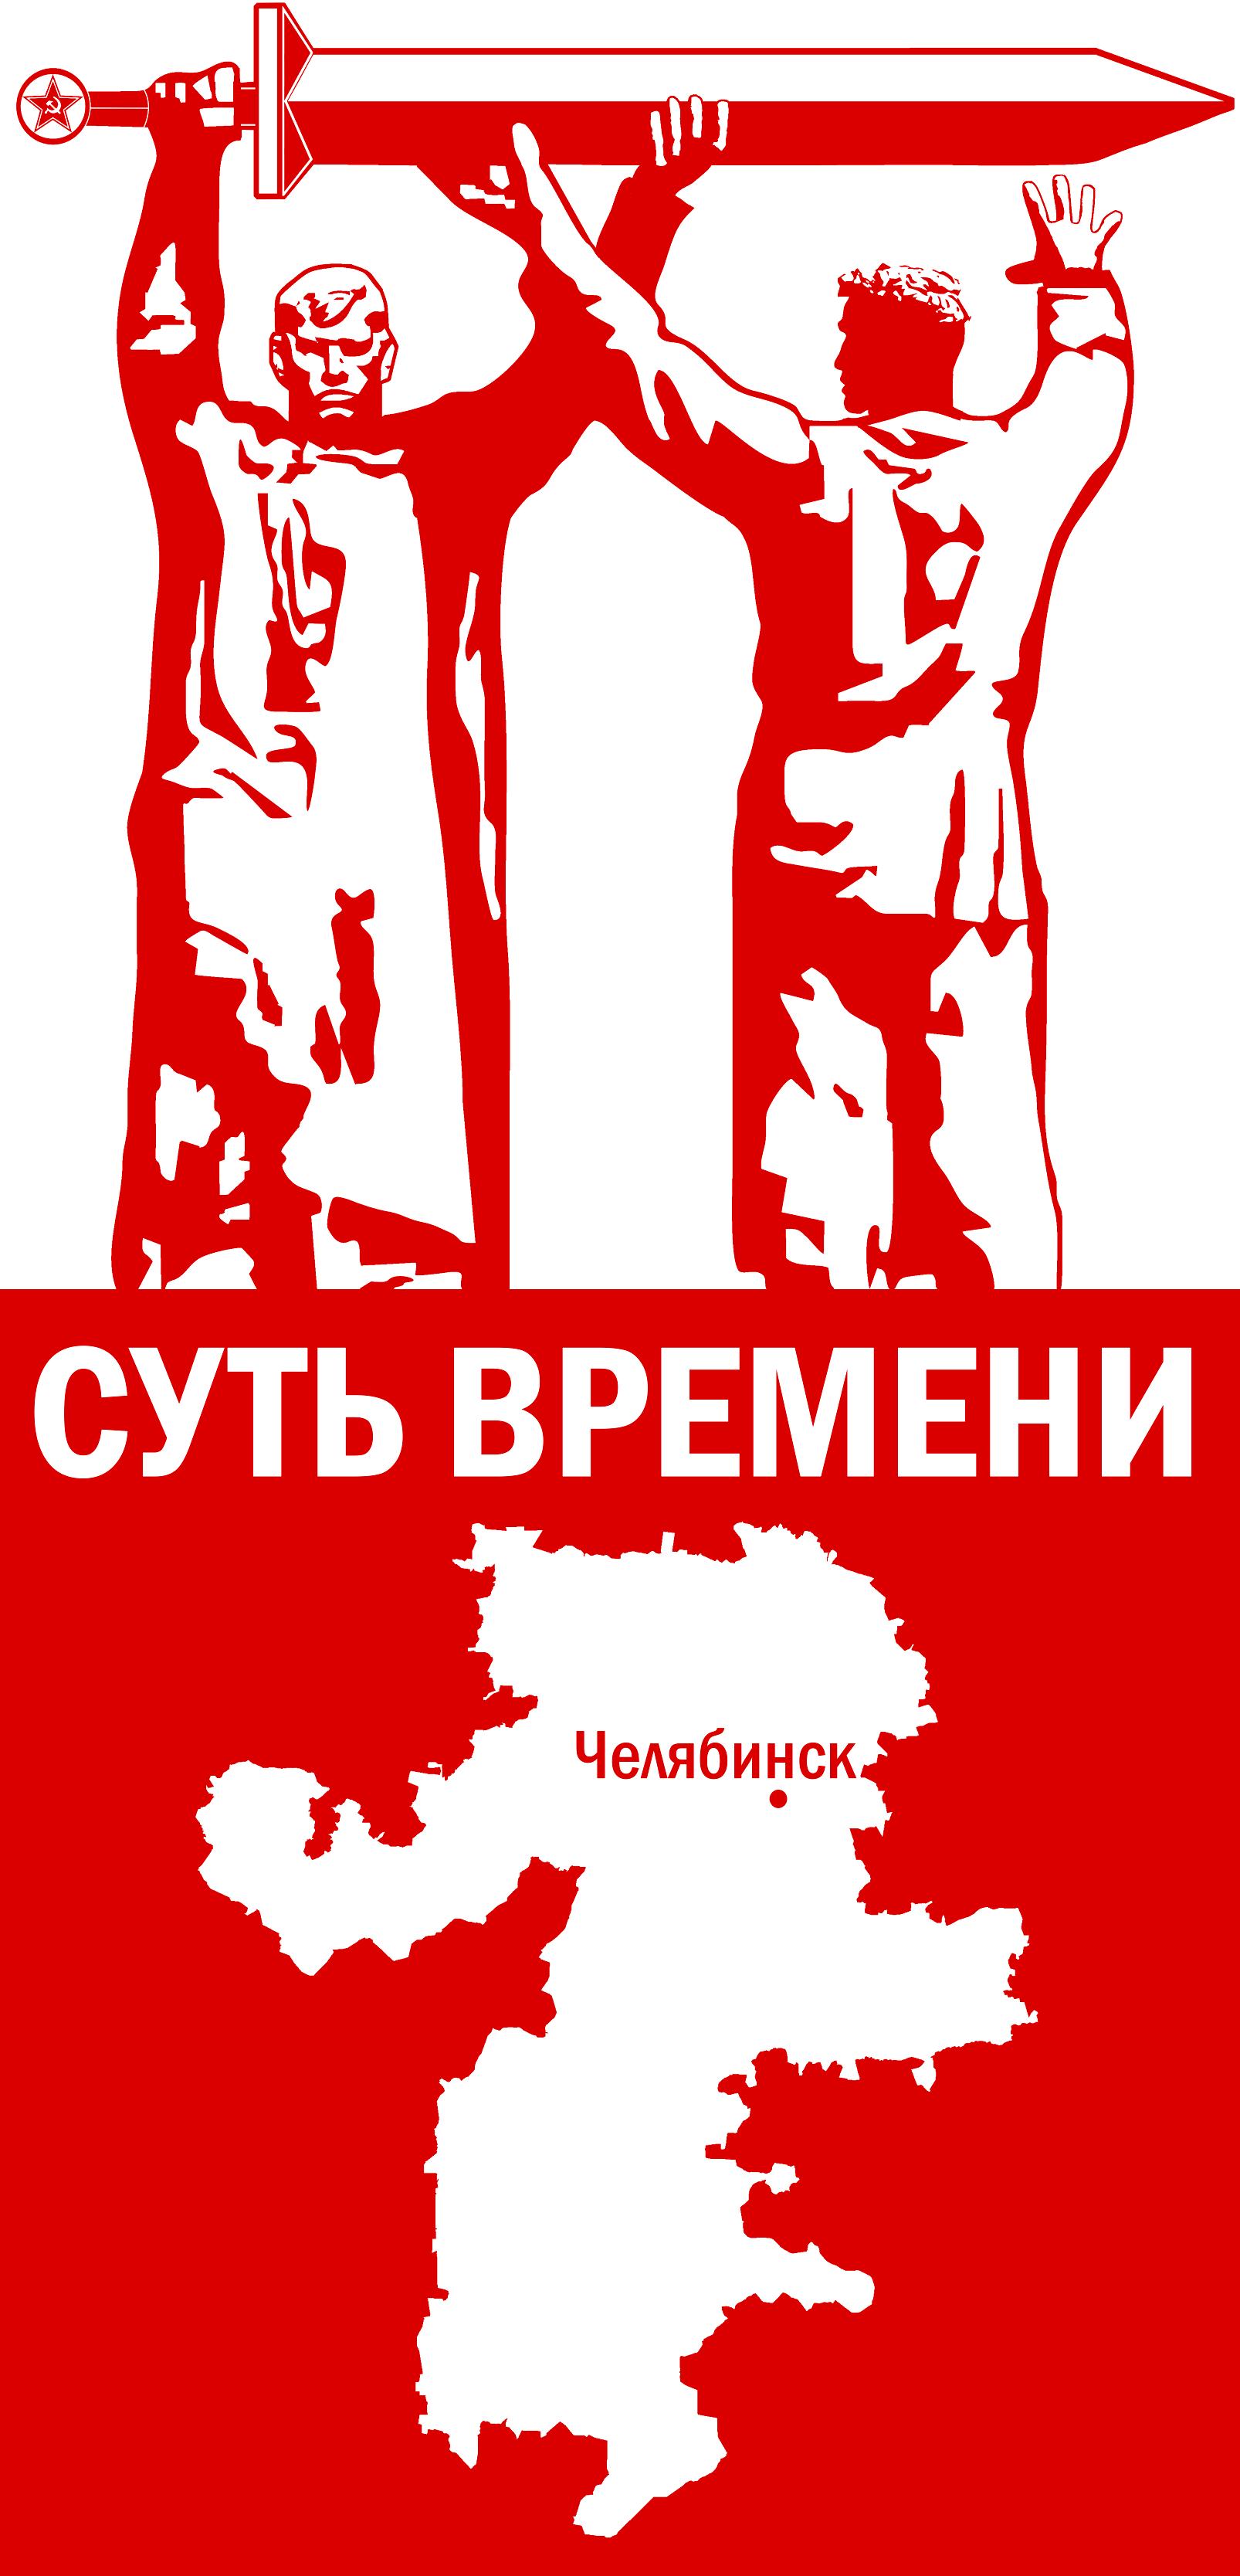 Суть времени - Челябинска область